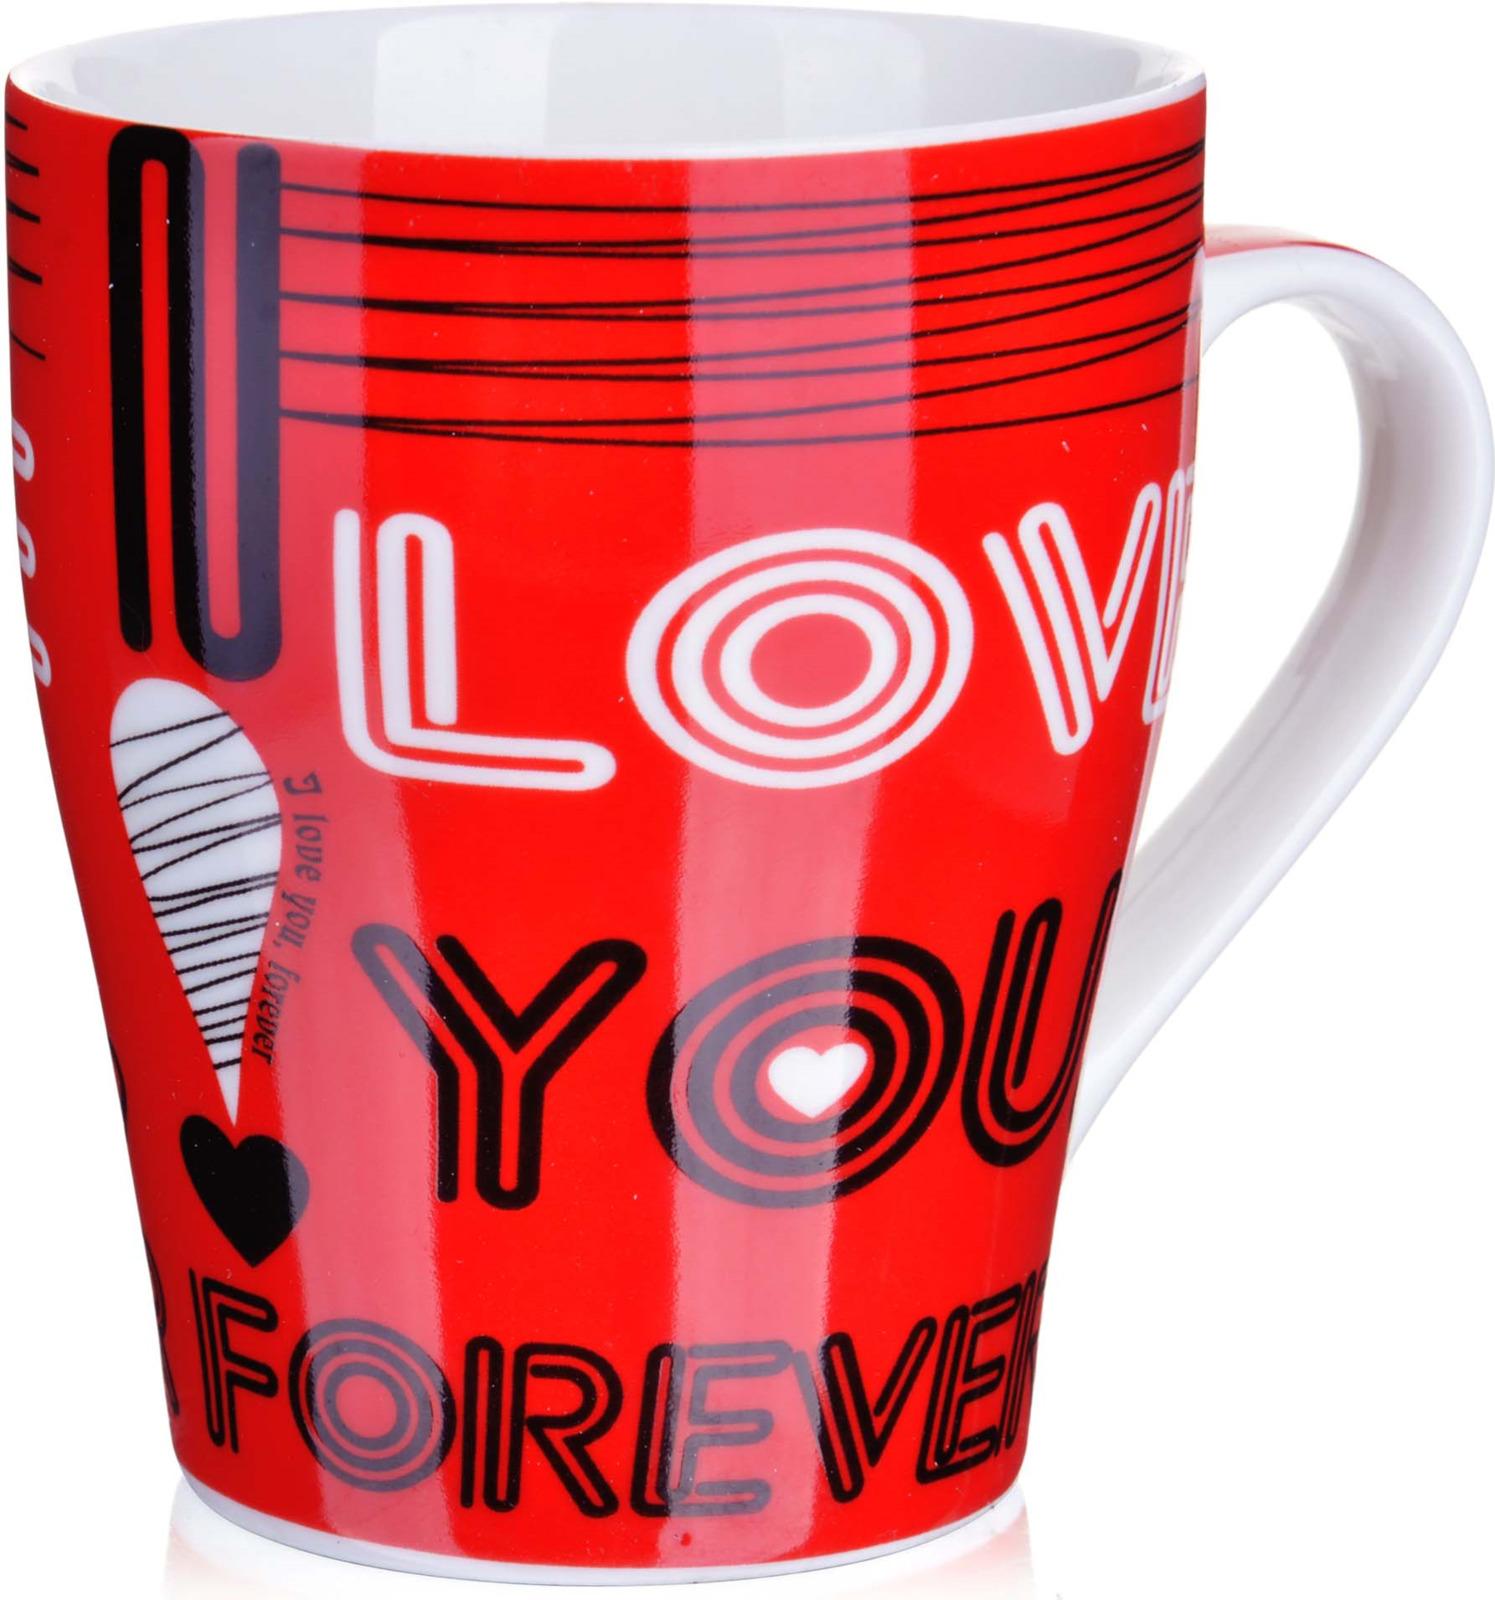 Кружка Loraine I Love You, цвет: белый, красный, черный, 340 мл кружка кастет цвет черный серебристый